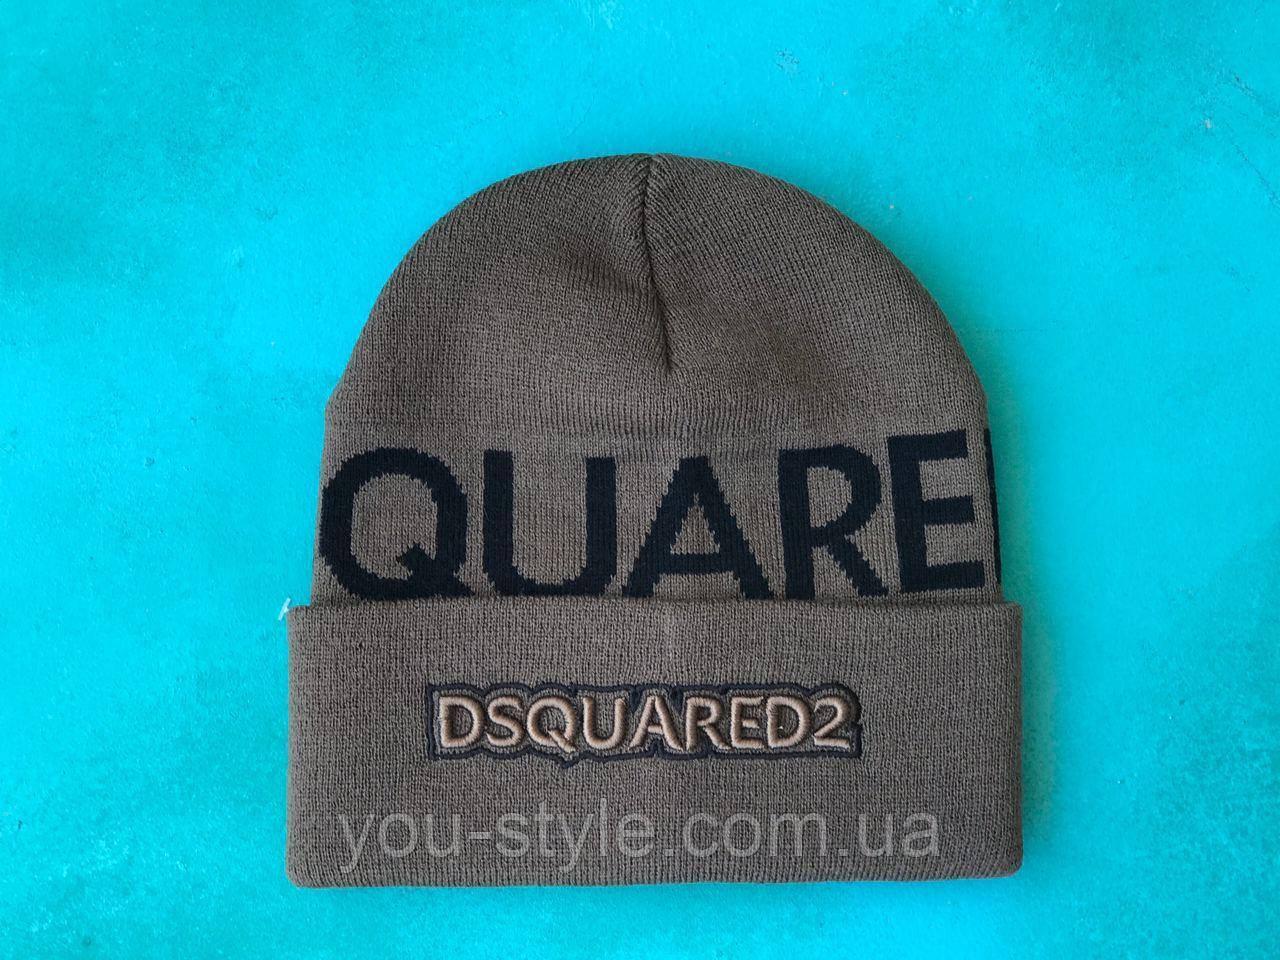 Шапка Dsquared2  / шапка дискваред / шапка женская/шапка мужская/хаки